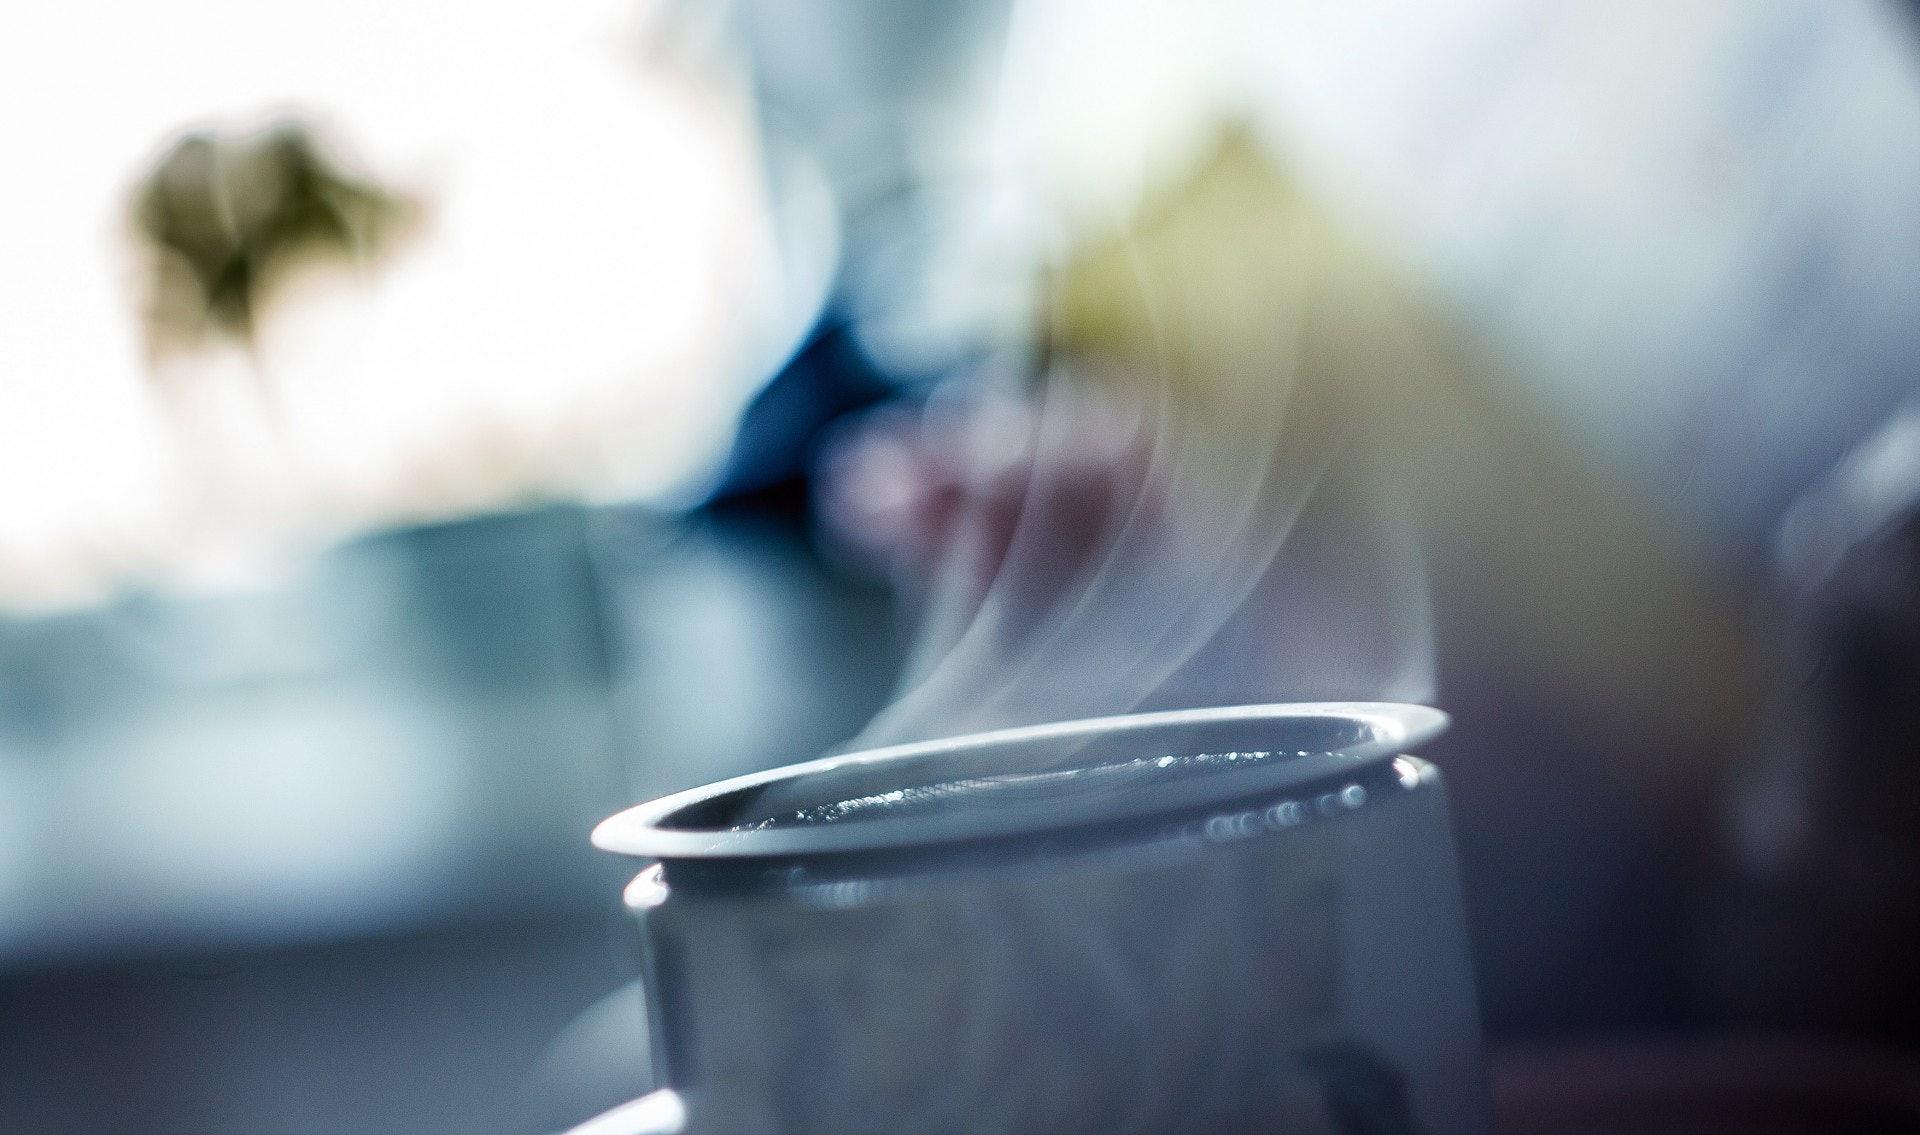 3.【吸入溫暖的蒸氣可增加黏液的流暢】﹙zugr/unsplash﹚